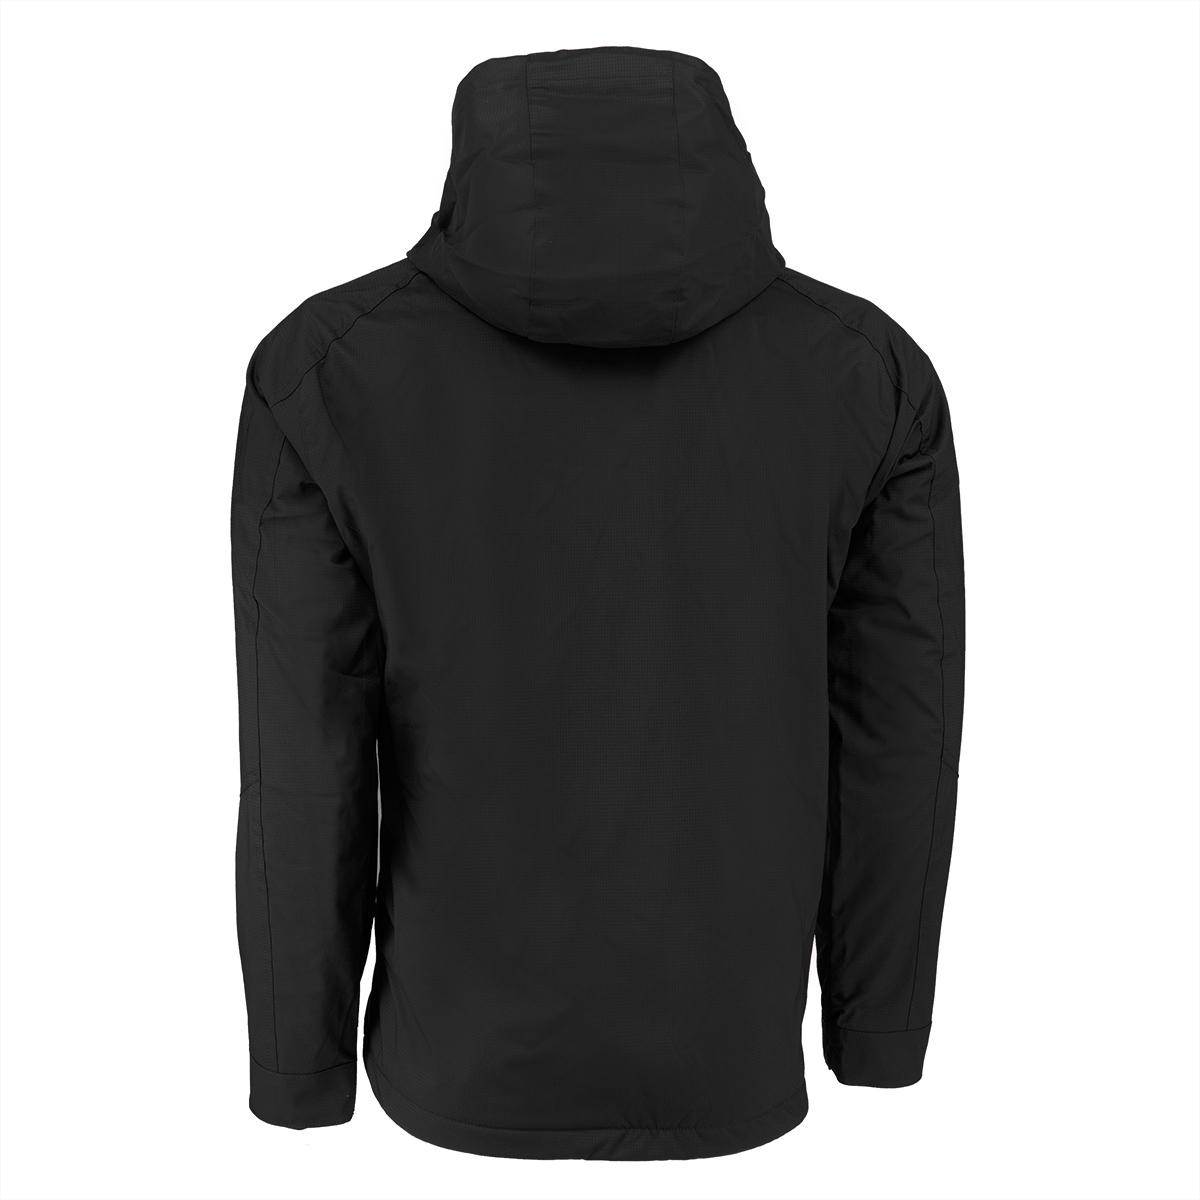 IZOD-Men-039-s-Midweight-Polar-Fleece-Lined-Jacket thumbnail 4